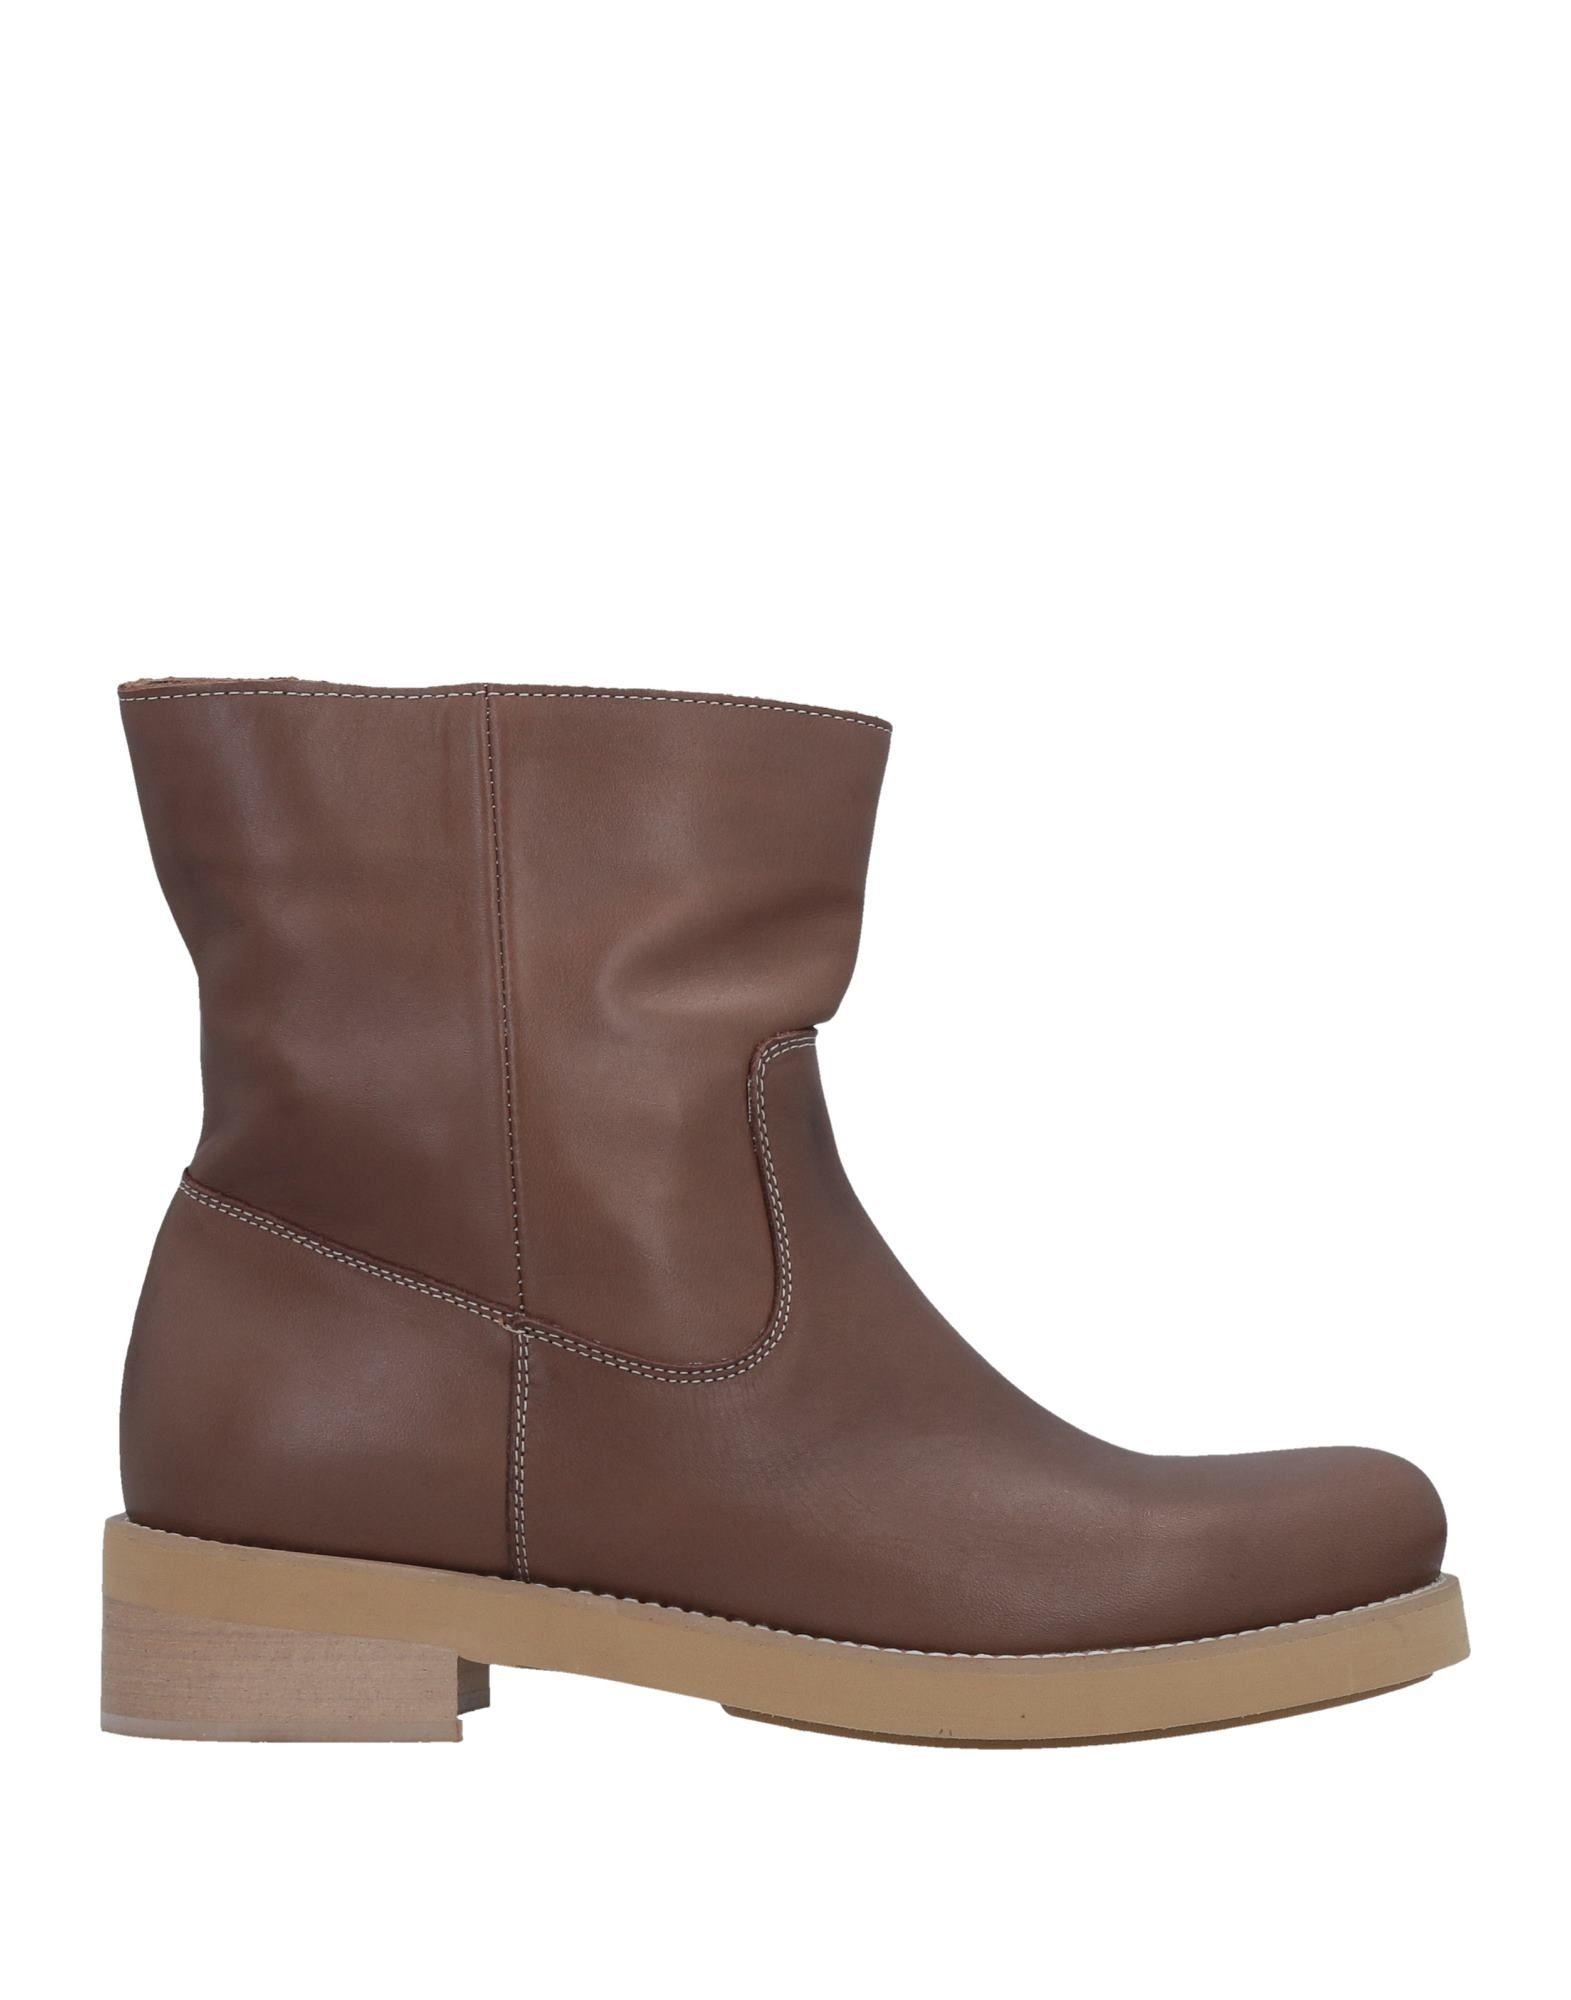 Gut um billige Schuhe Damen zu tragenCristian G Stiefelette Damen Schuhe  11509738NU c110ce